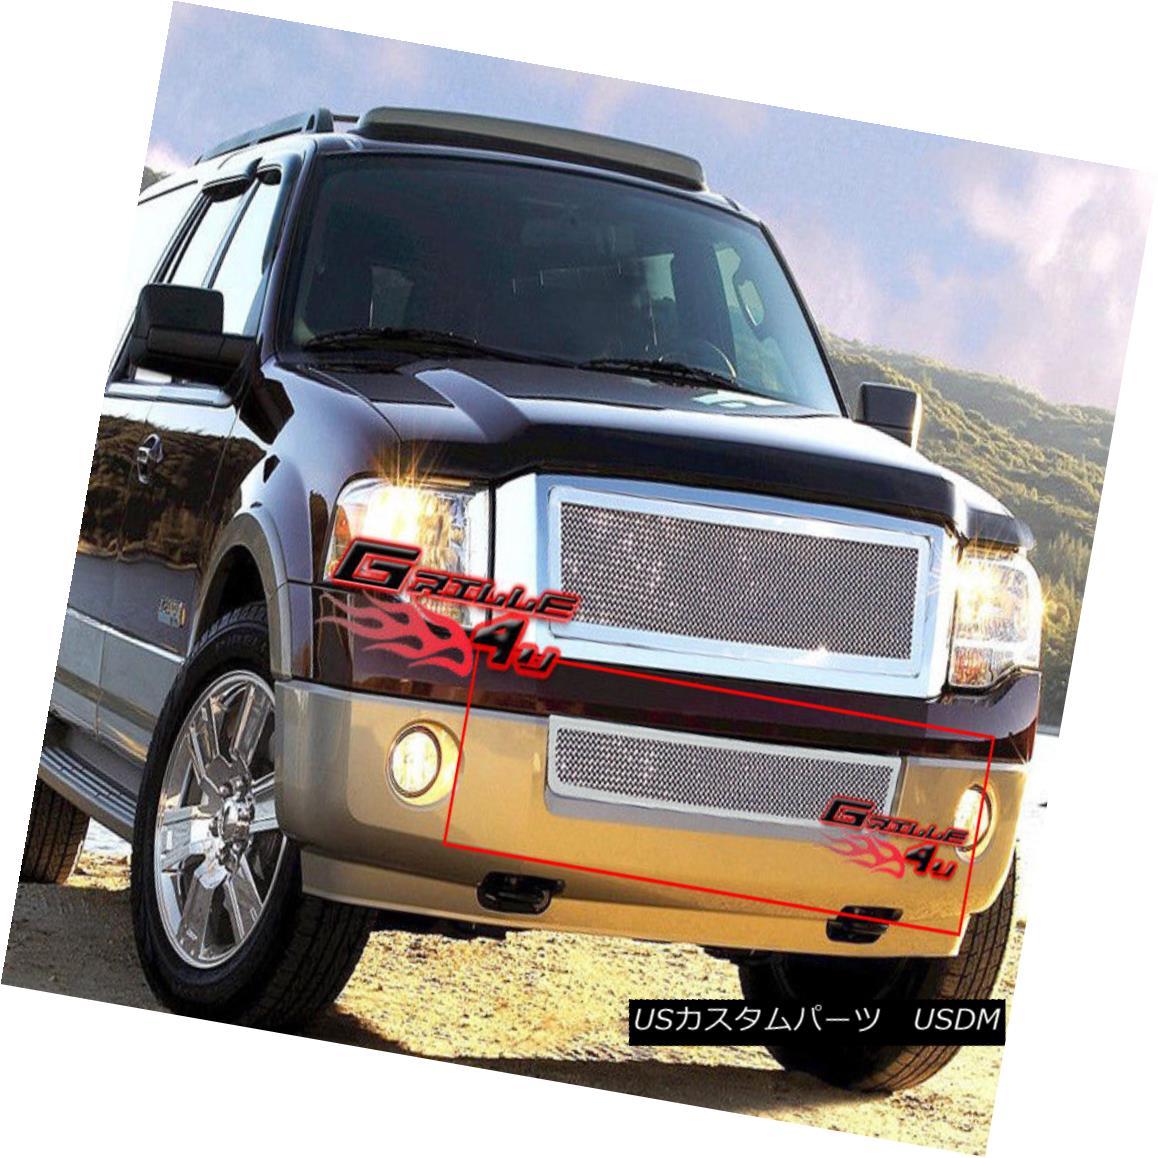 グリル Fits 2007-2014 Ford Expedition Bumper Stainless Steel Mesh Grille Grill Insert 2007?2014 Ford Expeditionバンパーステンレスメッシュグリルグリルインサート, インテリア雑貨の通販 かぐ日和 1be9effd